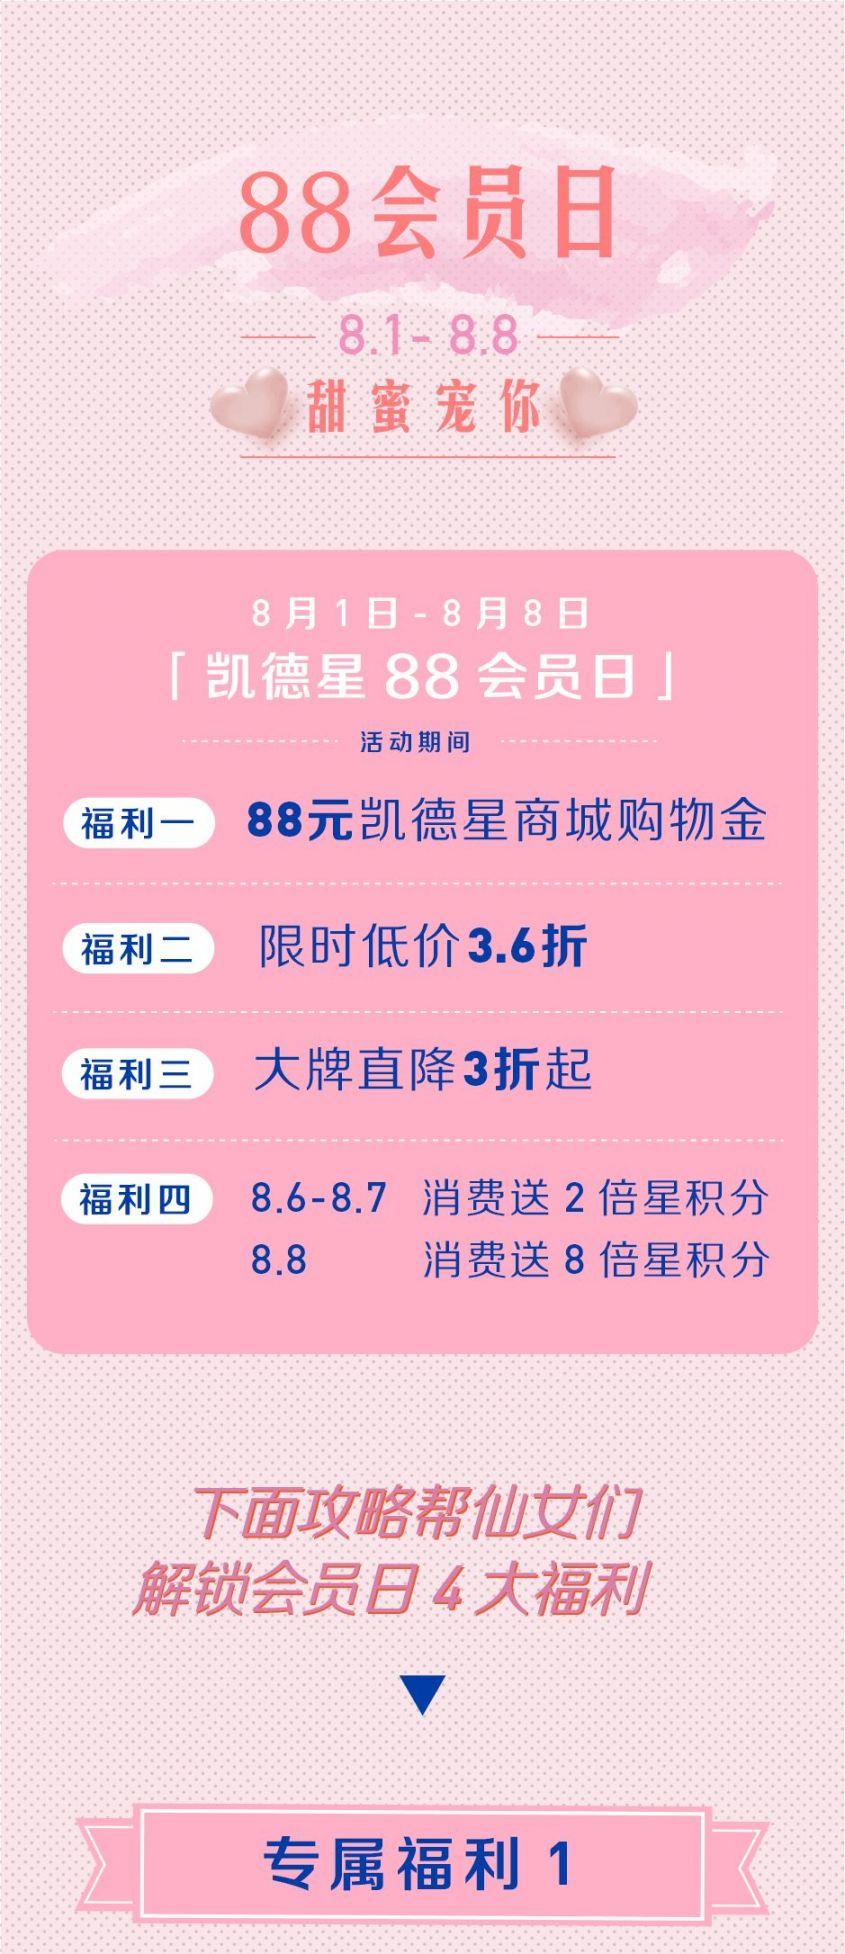 上海来福士广场2019七夕福利 部分商品5折起